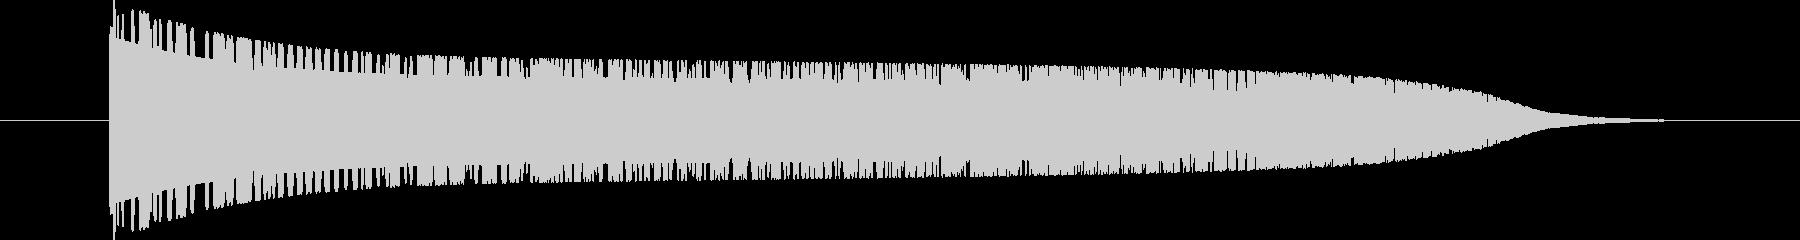 ヒューン(メーターが上がっていく音)の未再生の波形